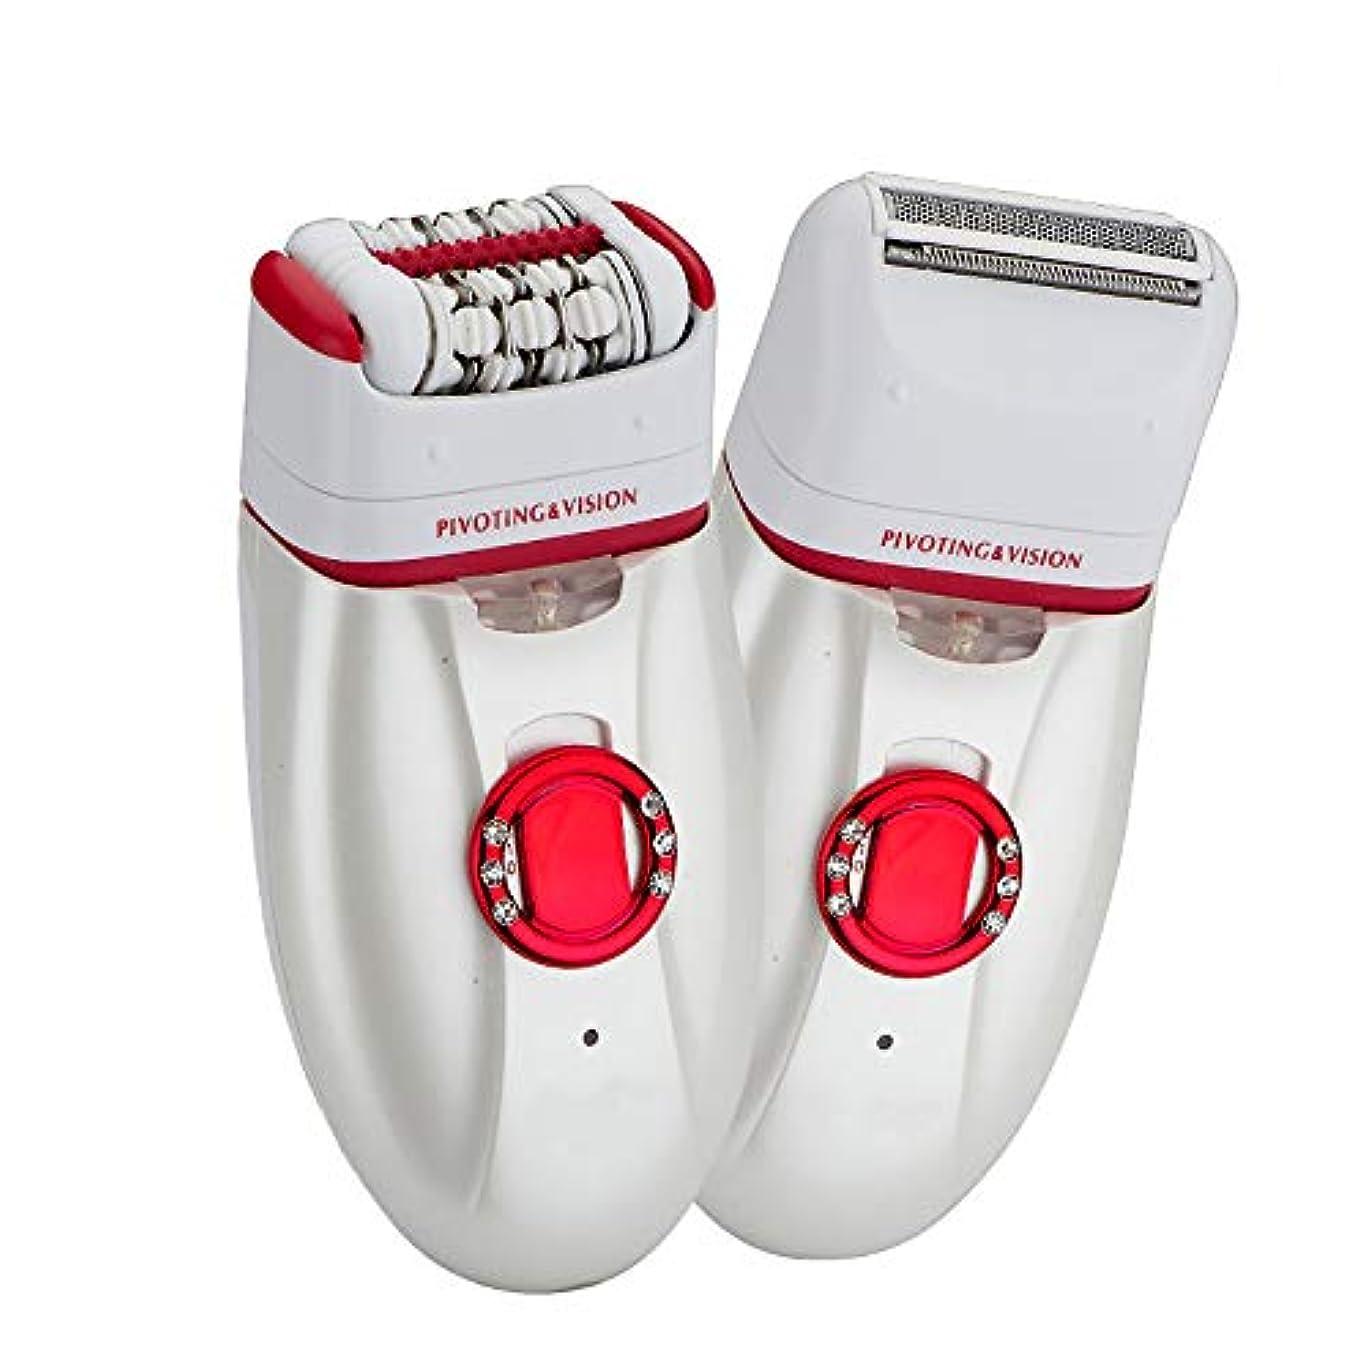 事業内容不均一書誌2-in-1メス電動除毛器、充電式カミソリ、2スピード調整、LEDライト付き、全身部分に使用可能